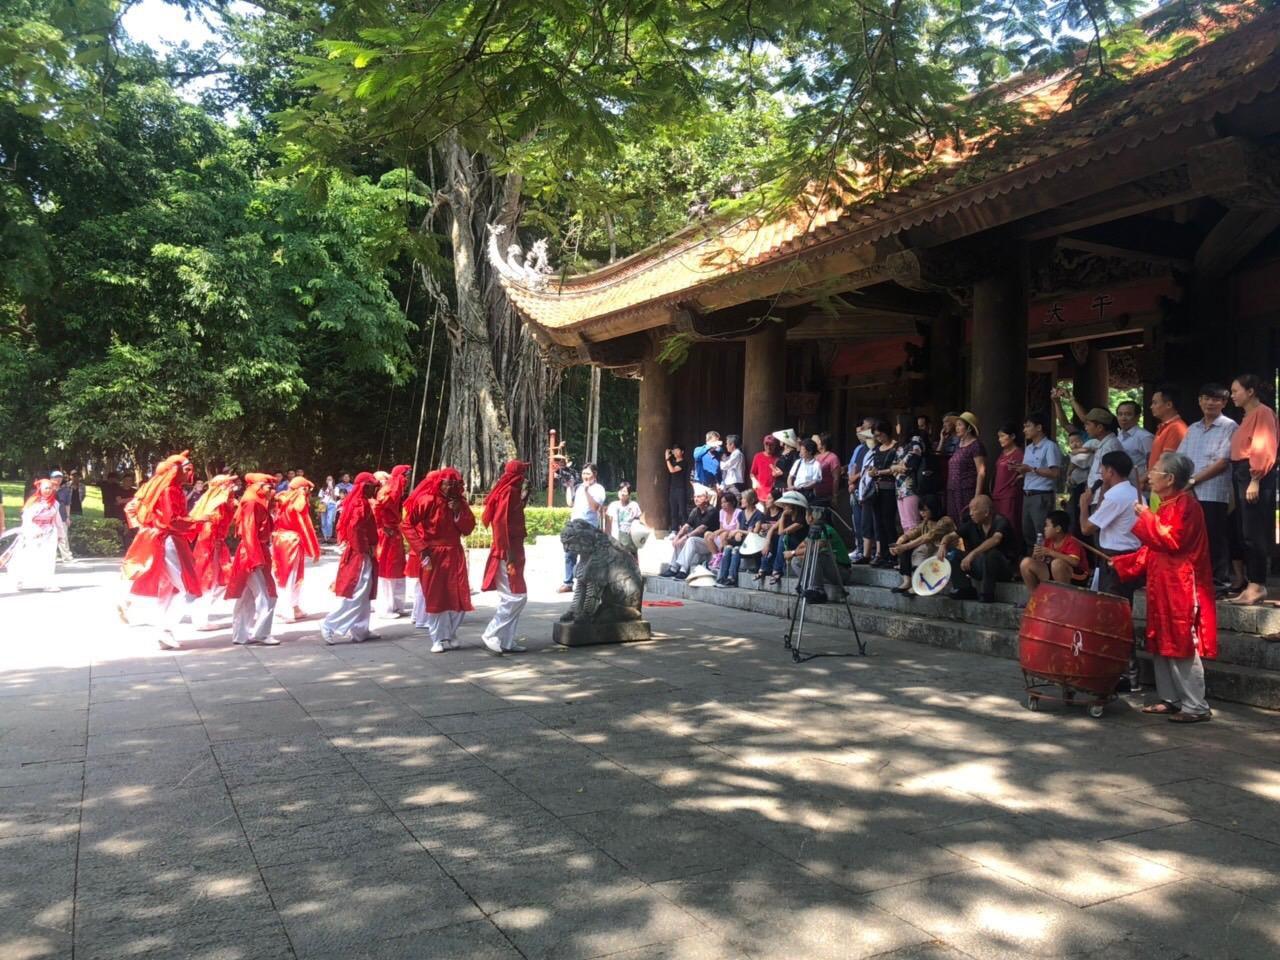 Đón đoàn khách du lịch từ Hoa Kỳ đến Thanh Hóa sau chương trình xúc tiến thương mại Ảnh 5